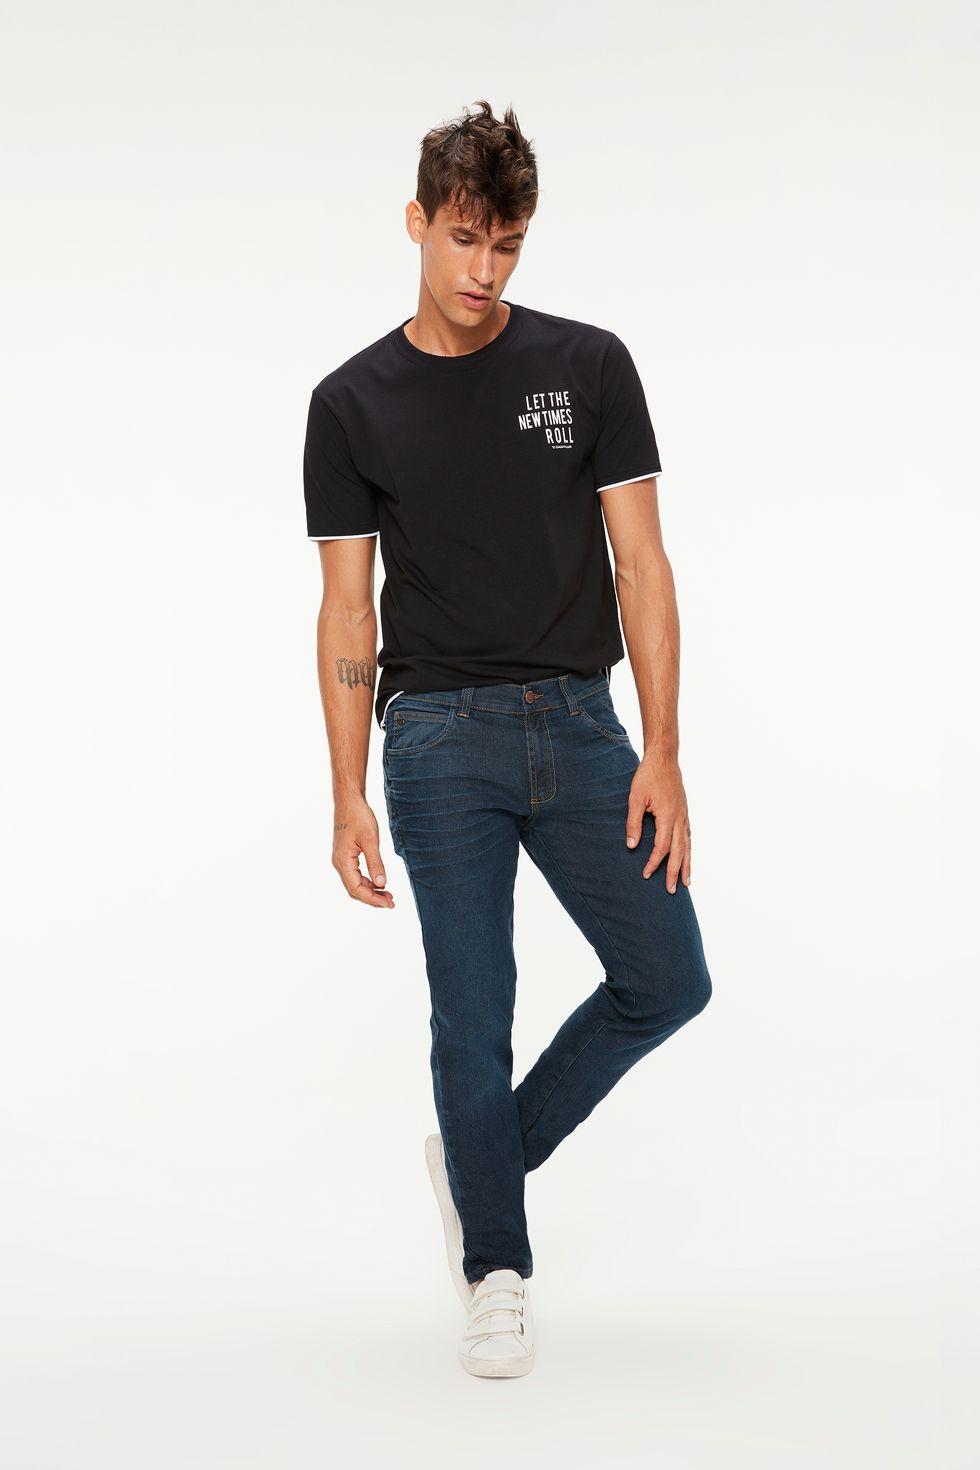 Calça Jeans Skinny Marcações Leves Tam: 36 / Cor: ESCURA